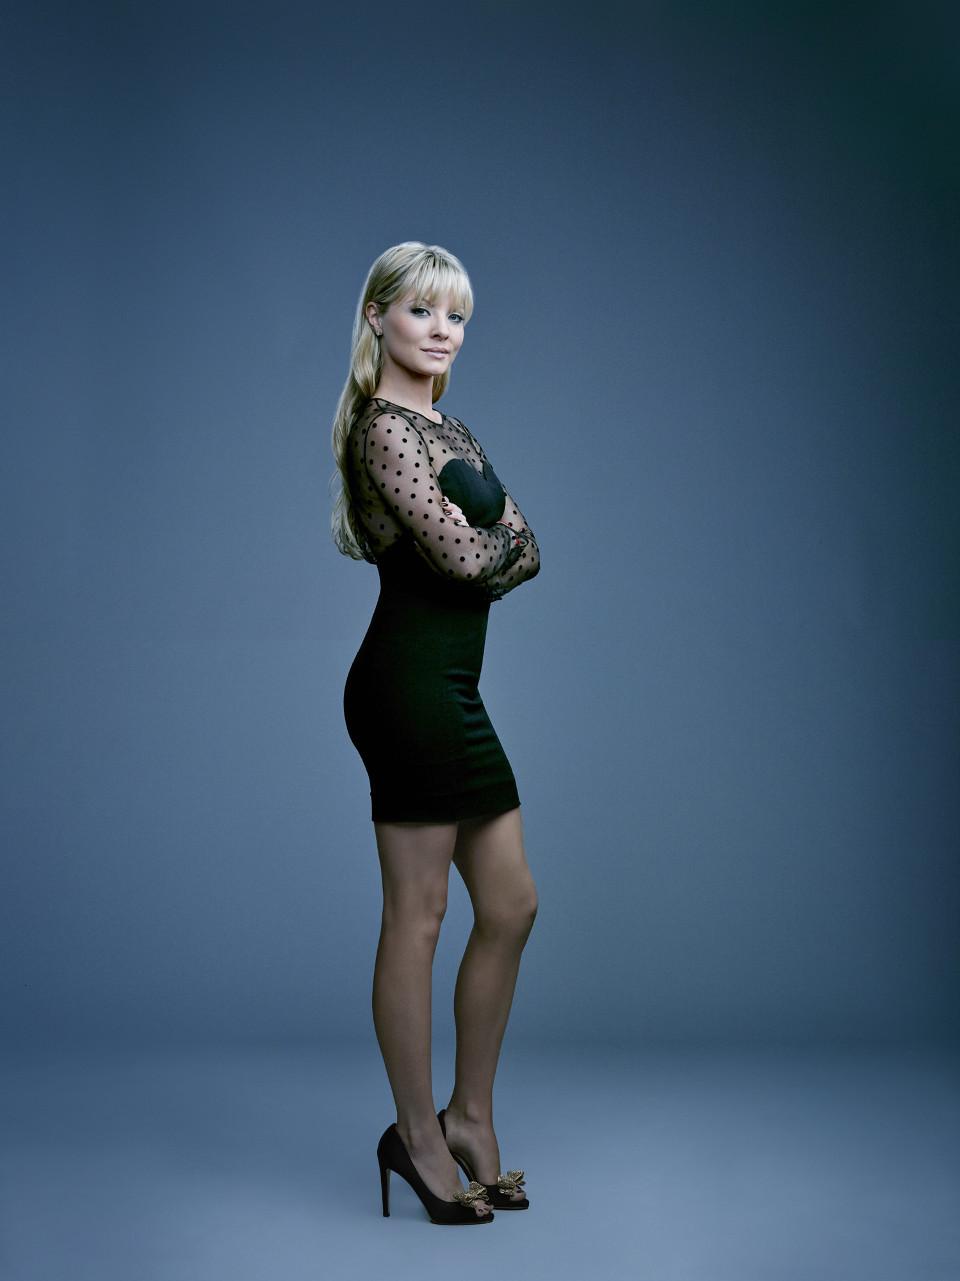 Kaitlin Doubleday as Rhonda Lyon